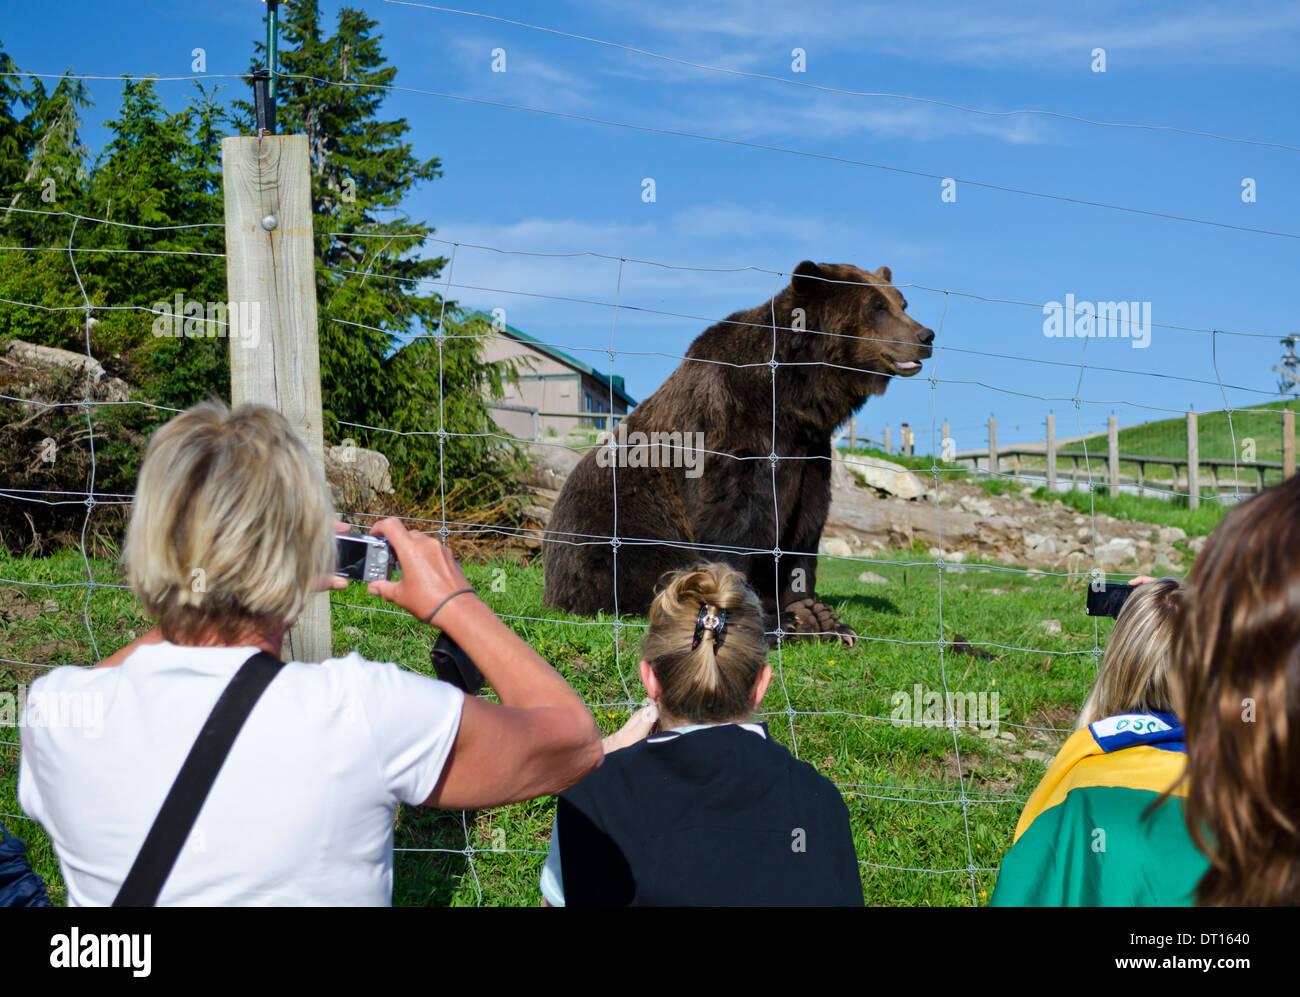 Touristen fotografieren eines Grizzly-Bären leben in einer geschlossenen Tierschutzgebiet auf Grouse Mountain in Vancouver, BC. Stockbild